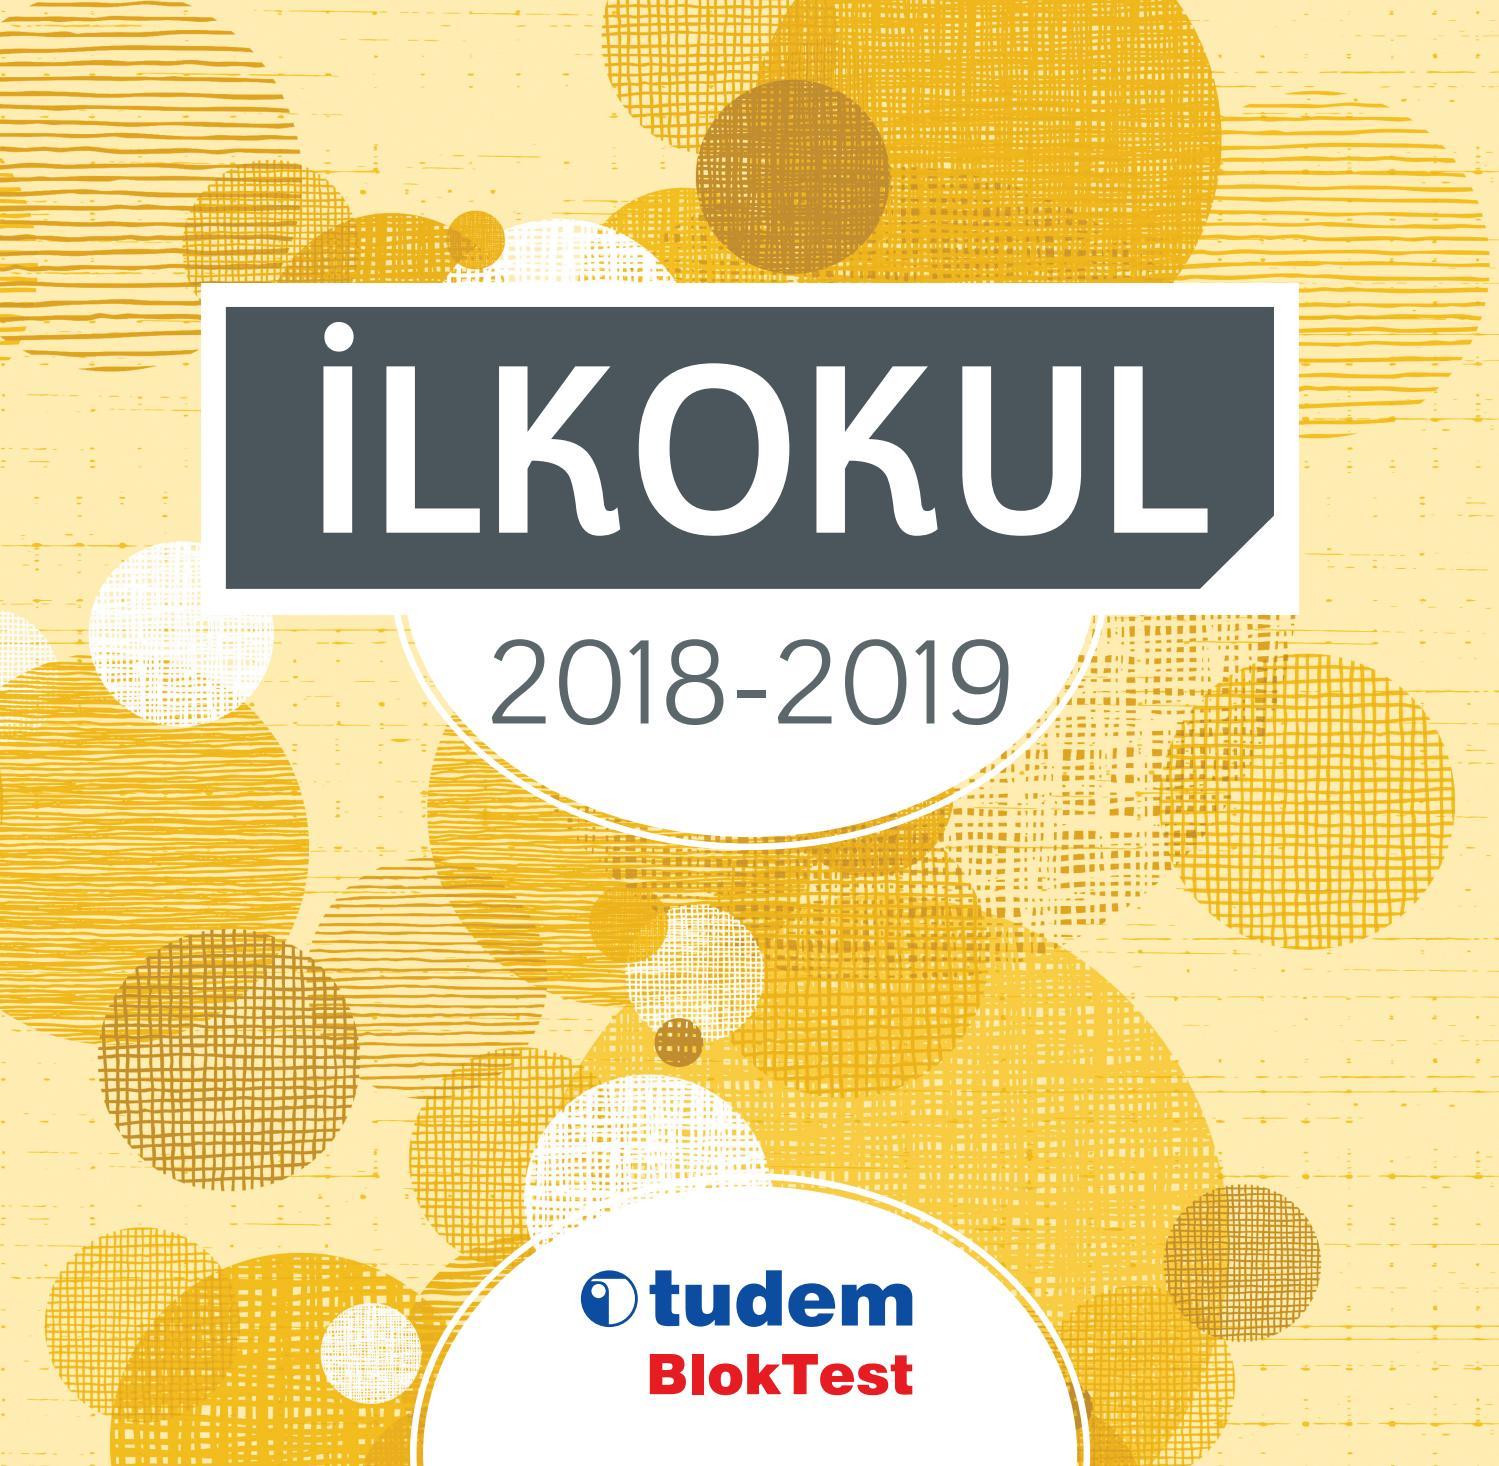 Tudem Egitim Ve Bloktest Ilkokul Katalogu 2018 2019 By Tudem Issuu